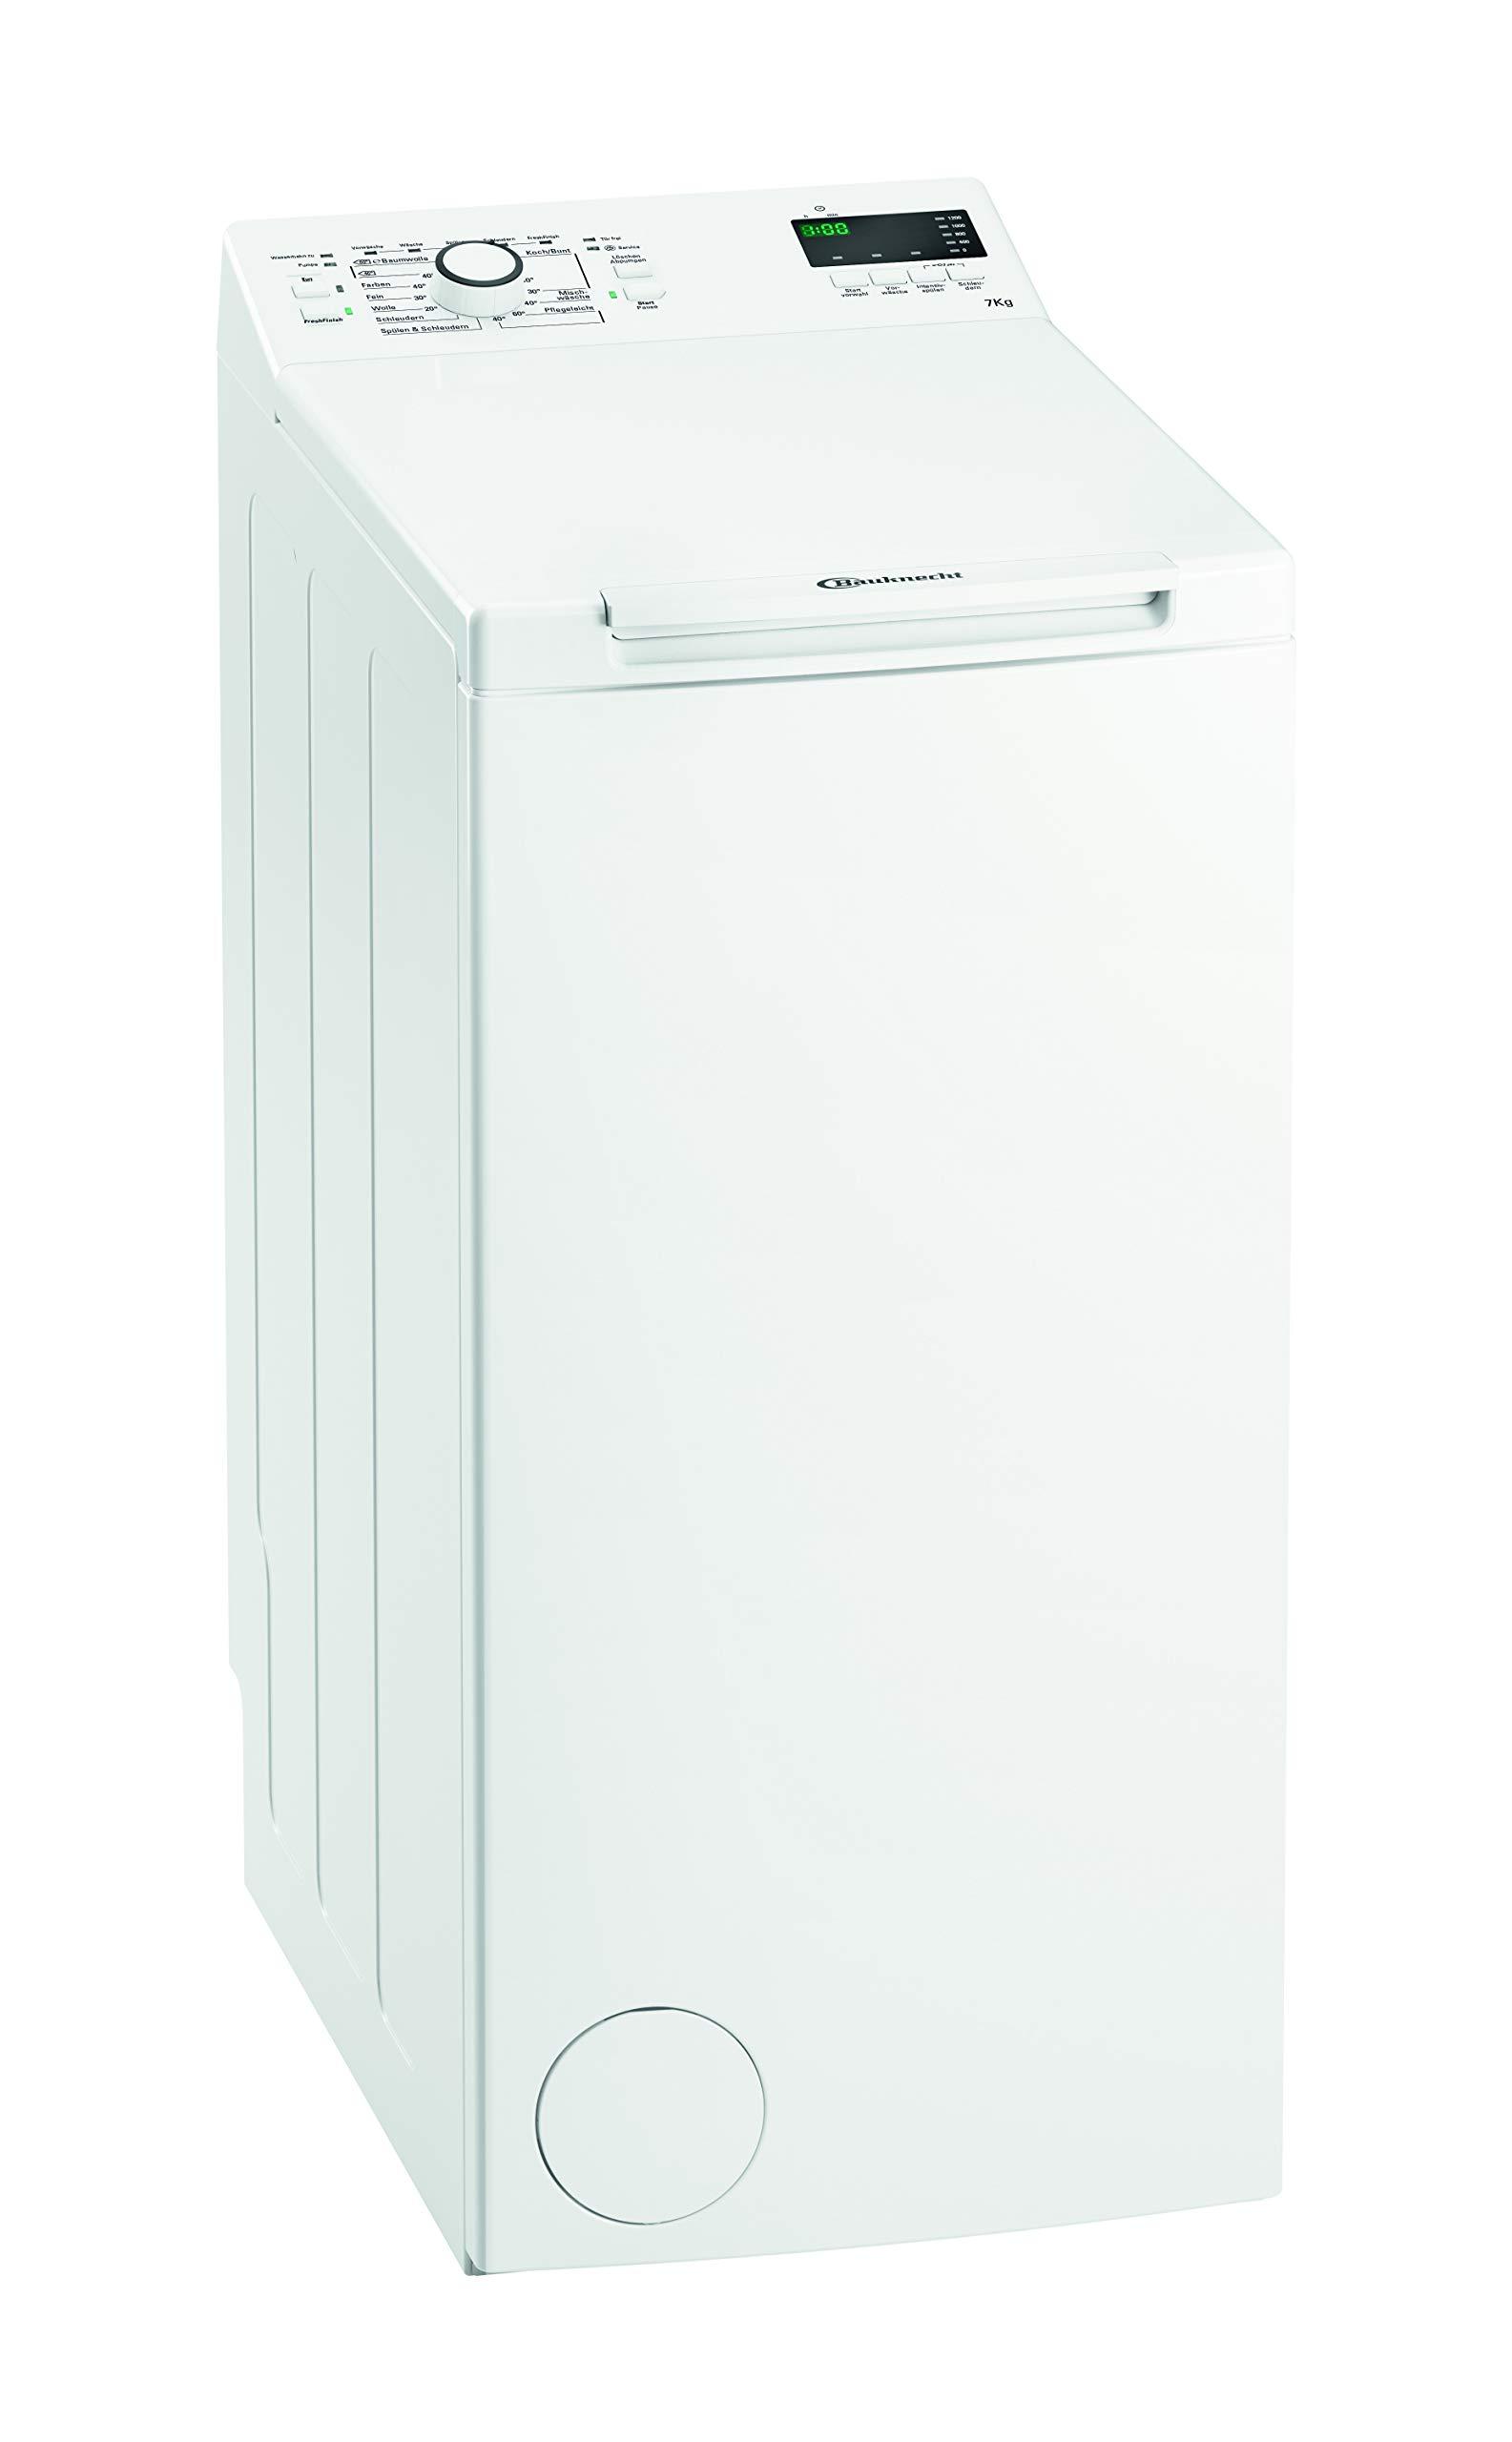 Bauknecht WAT Prime 752 Di Waschmaschine Toplader, 7 kg Füllmenge, weiß